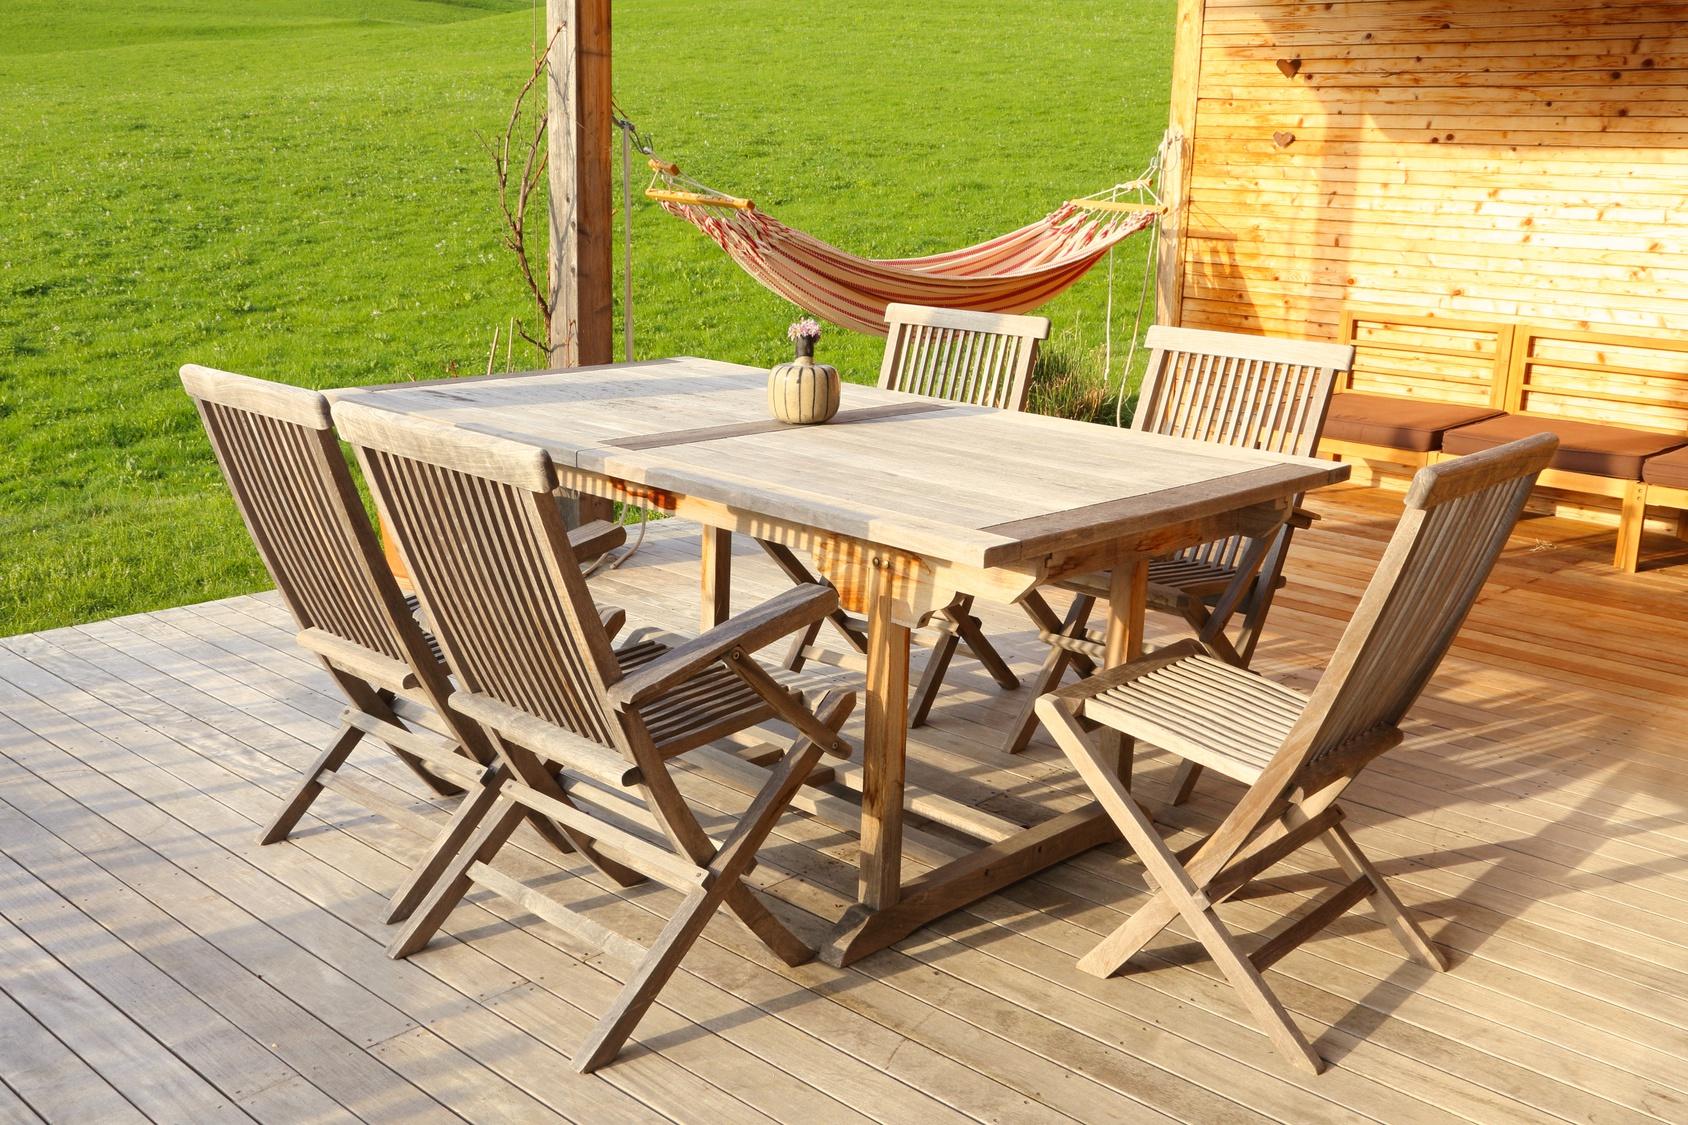 Entretenir son mobilier de jardin en teck bois et plastique for Meubles de jardin en teck